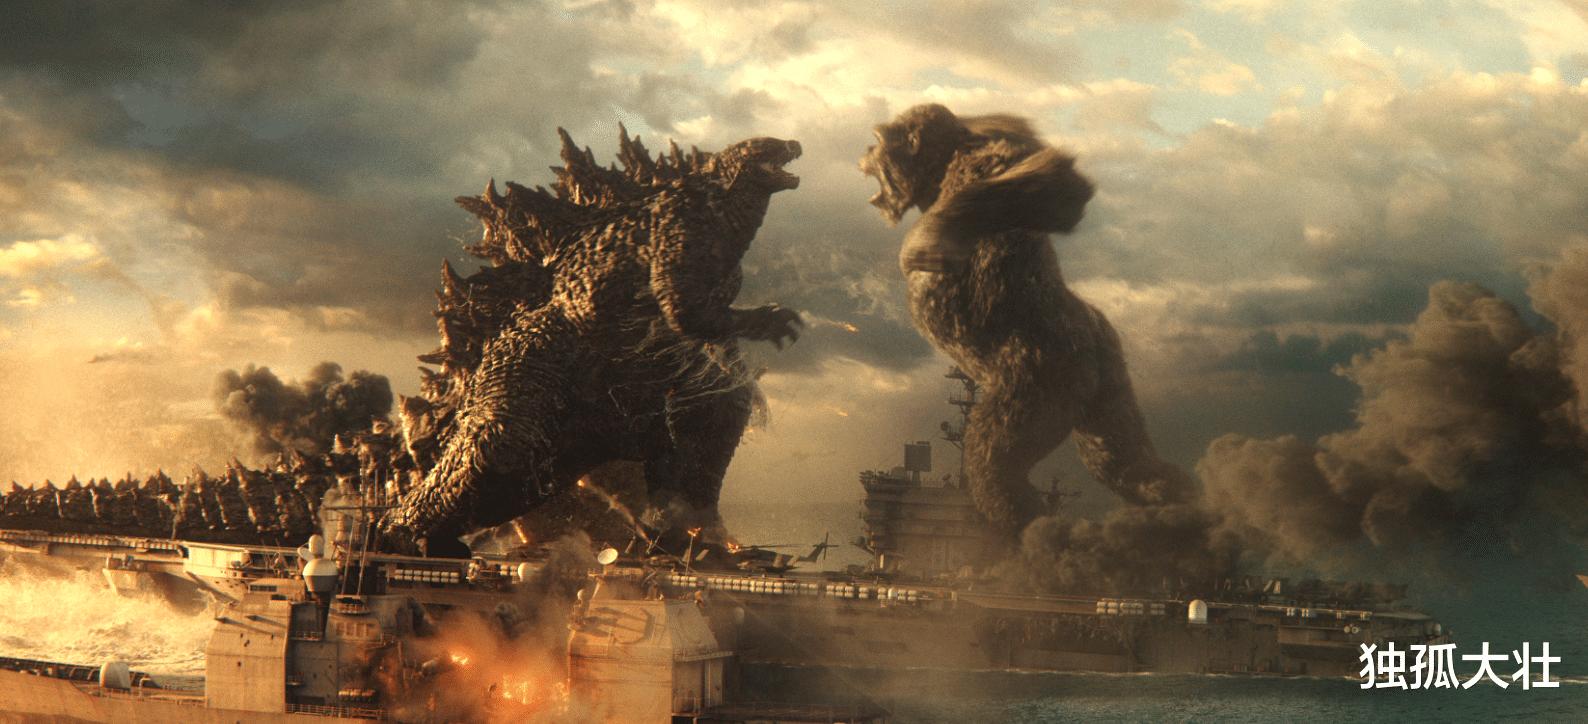 《哥斯拉大战金刚》怪兽之王哥斯拉为何最后放过了金刚?